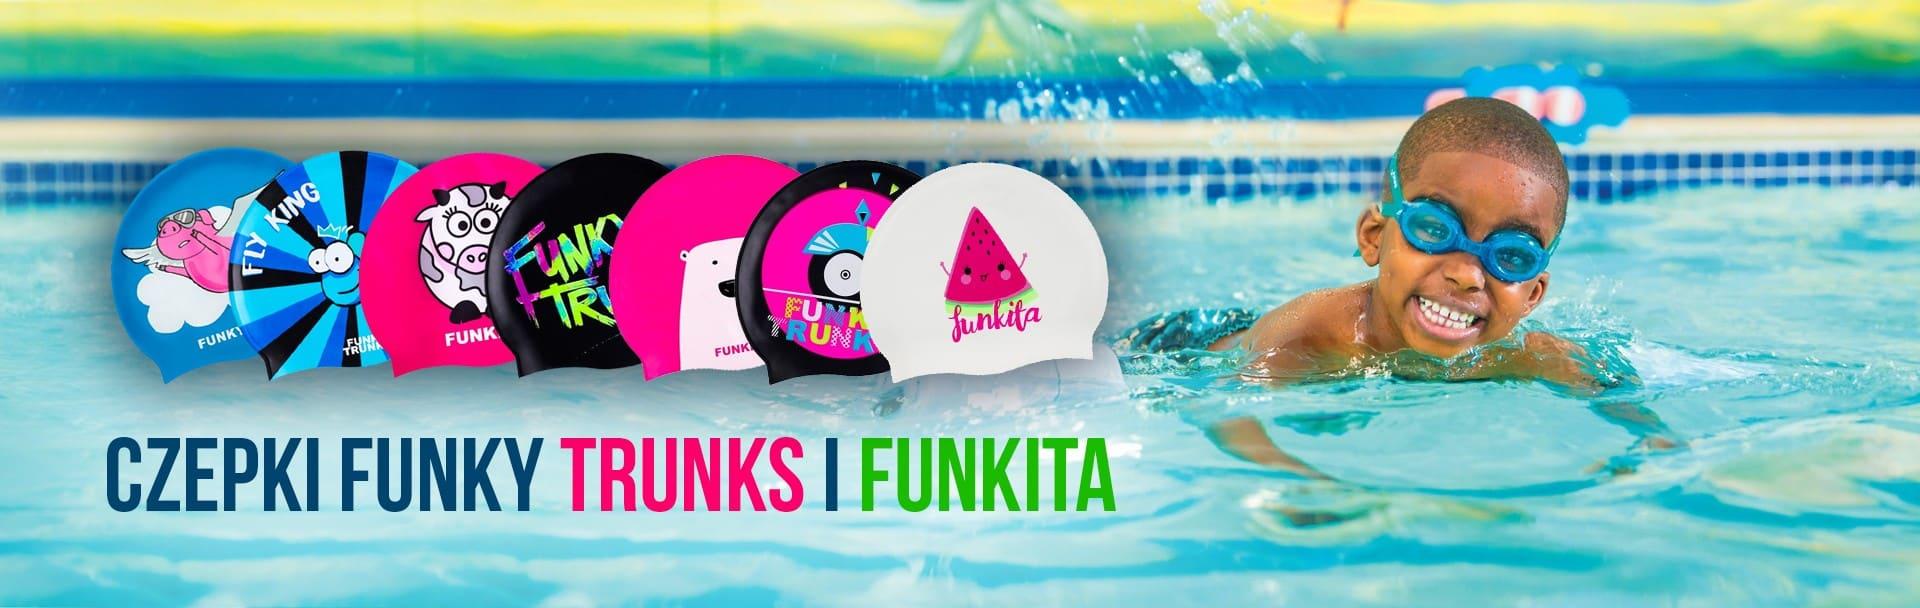 Czepki Funky